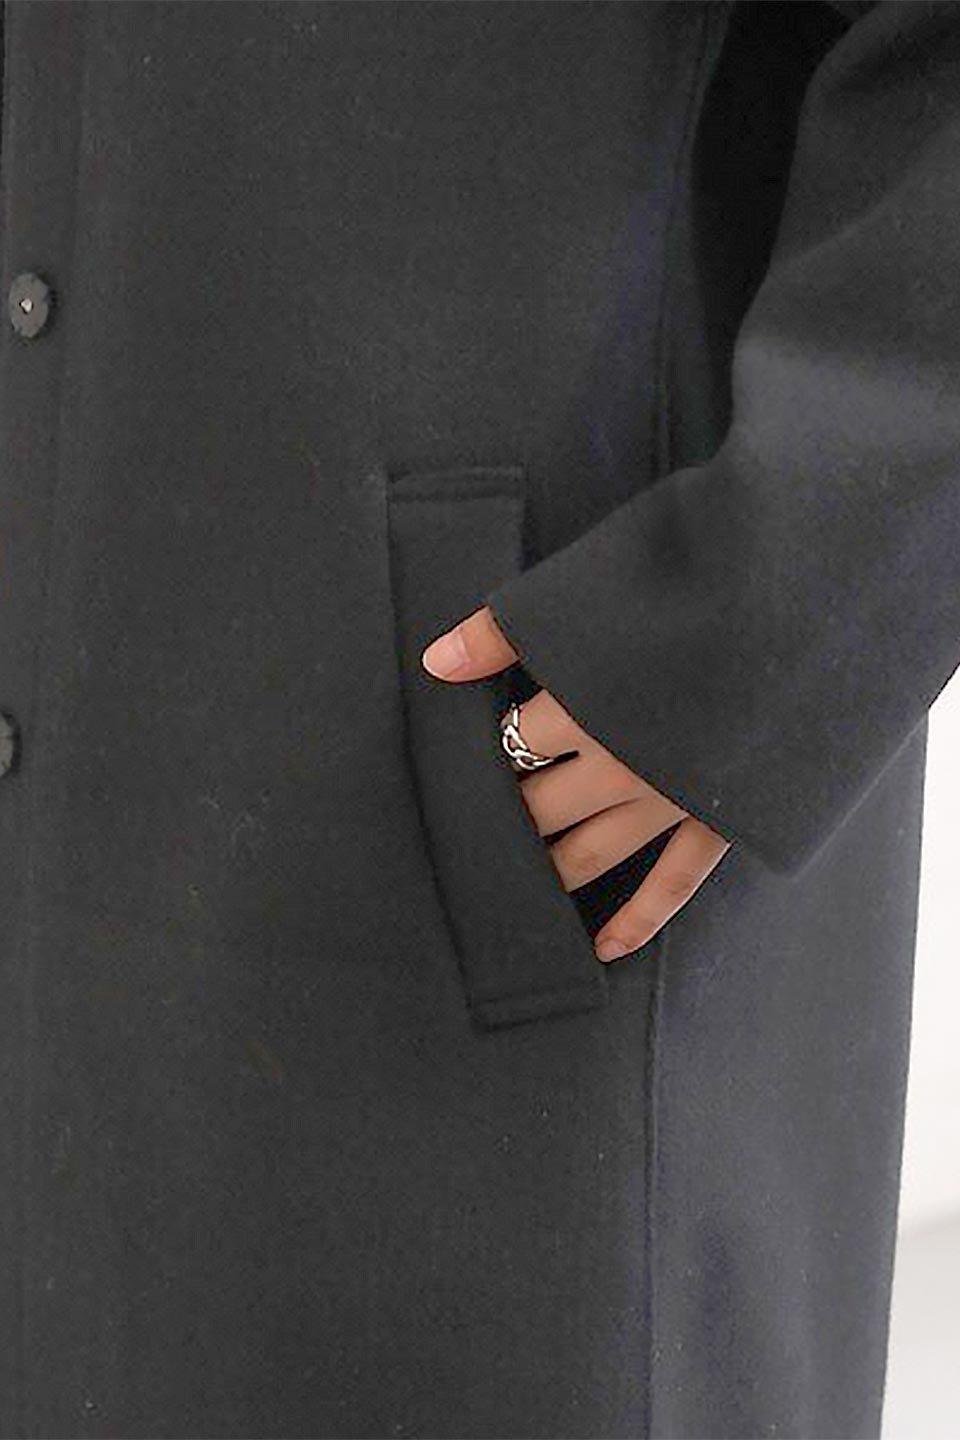 Melton&RibKnitDoubleFacedHoodCoatメルトン&リブニット・ダブルフェイスコート大人カジュアルに最適な海外ファッションのothers(その他インポートアイテム)のアウターやコート。表地メルトン×裏面リブ編みのフード付きウールコート。表地はフェルトのような高密度の綺麗な質感、表地と張り合わせた裏地には伸縮性のあるリブ編みを合わせて優しい雰囲気に見せてくれます。/main-30